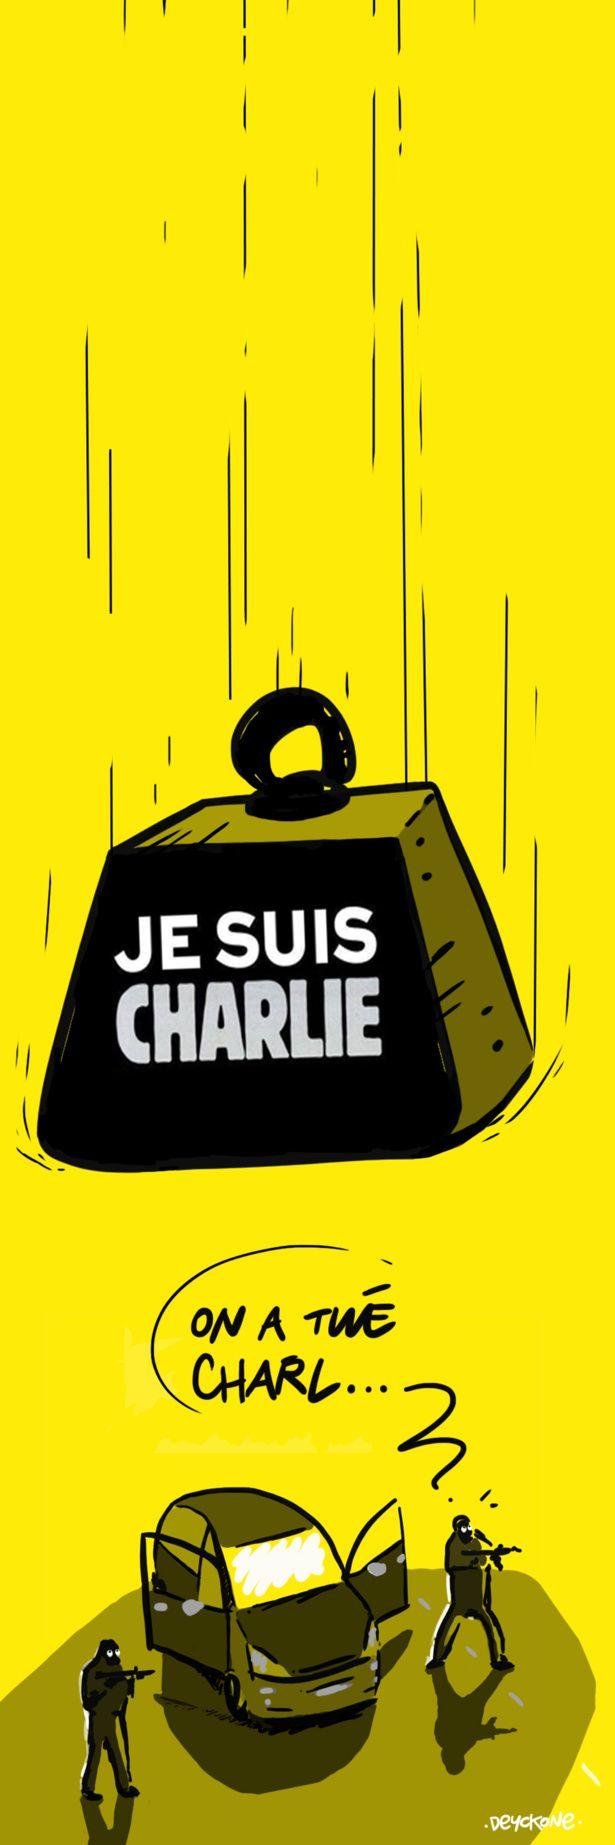 Radio Laser vous livre sa caricature en hommage à Charlie Hebdo